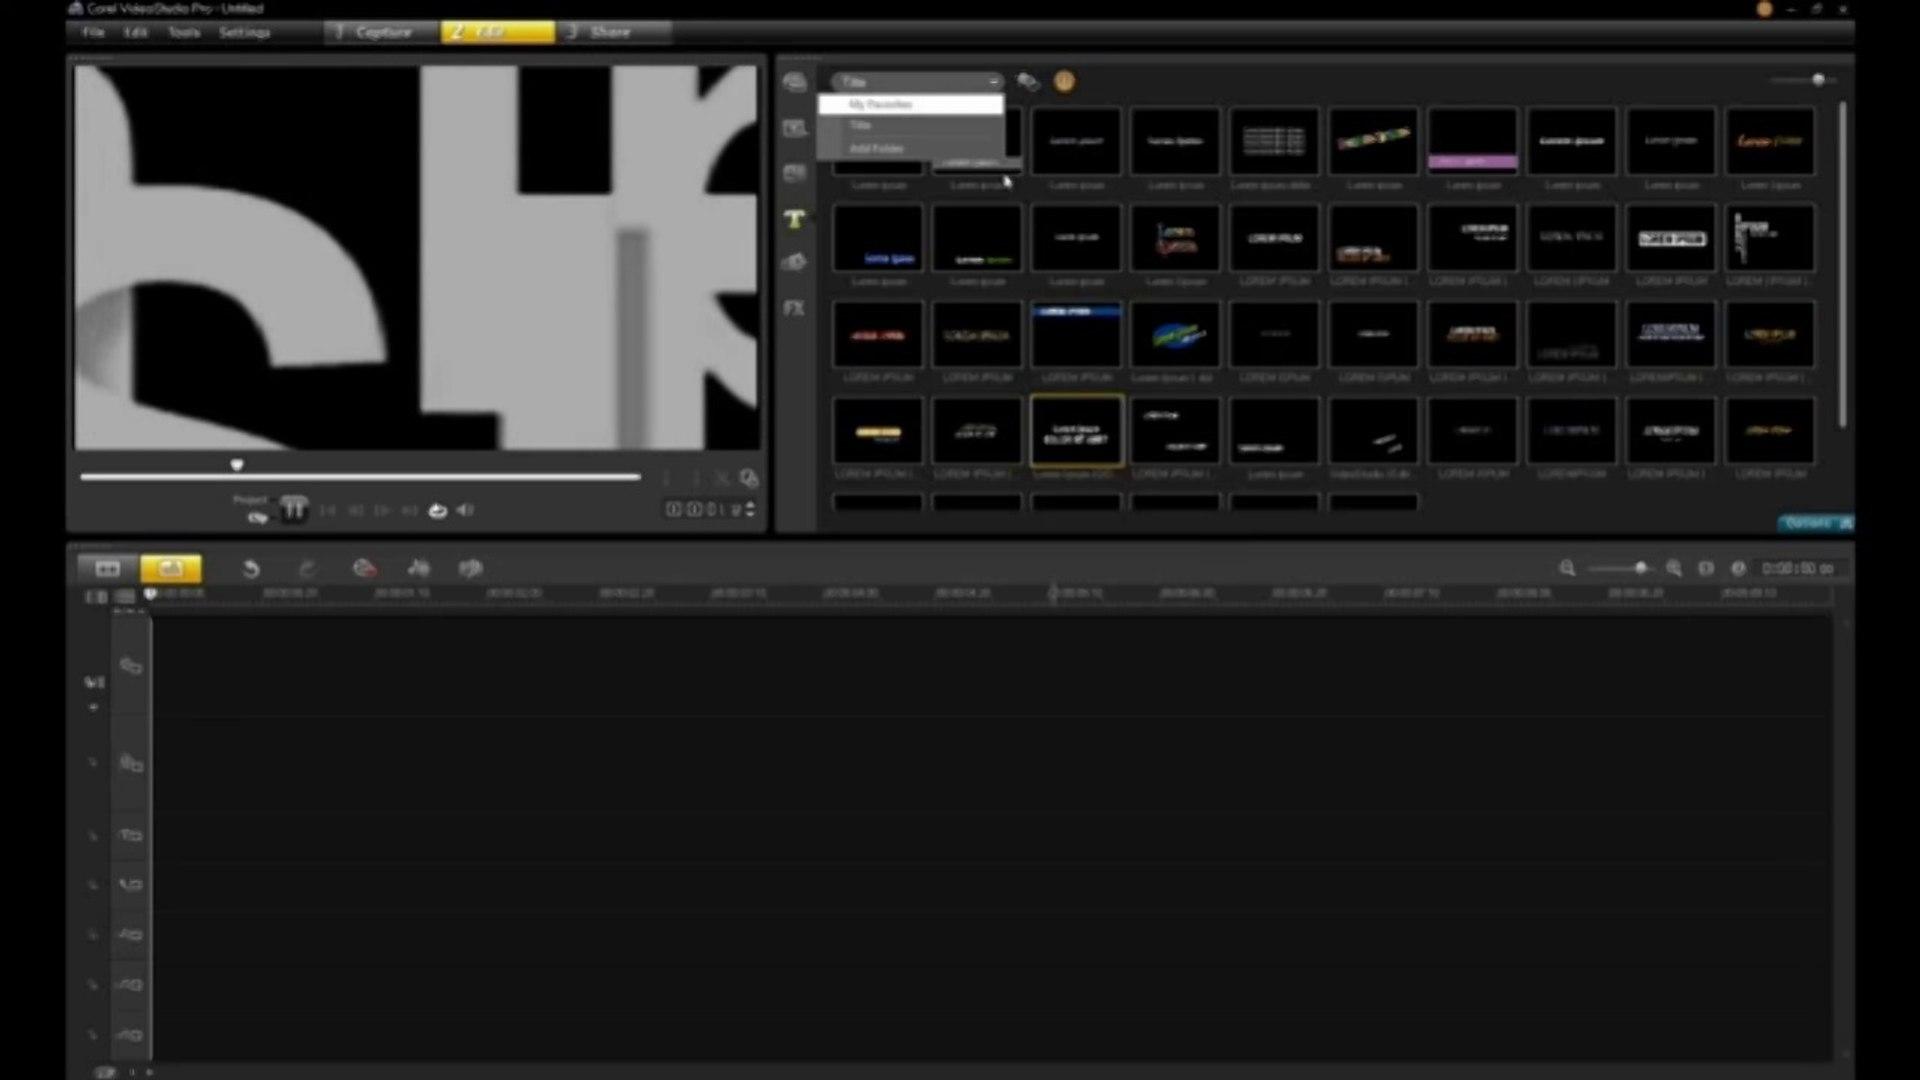 CLUBIC GRATUIT PRO COREL VIDEOSTUDIO TÉLÉCHARGER X5